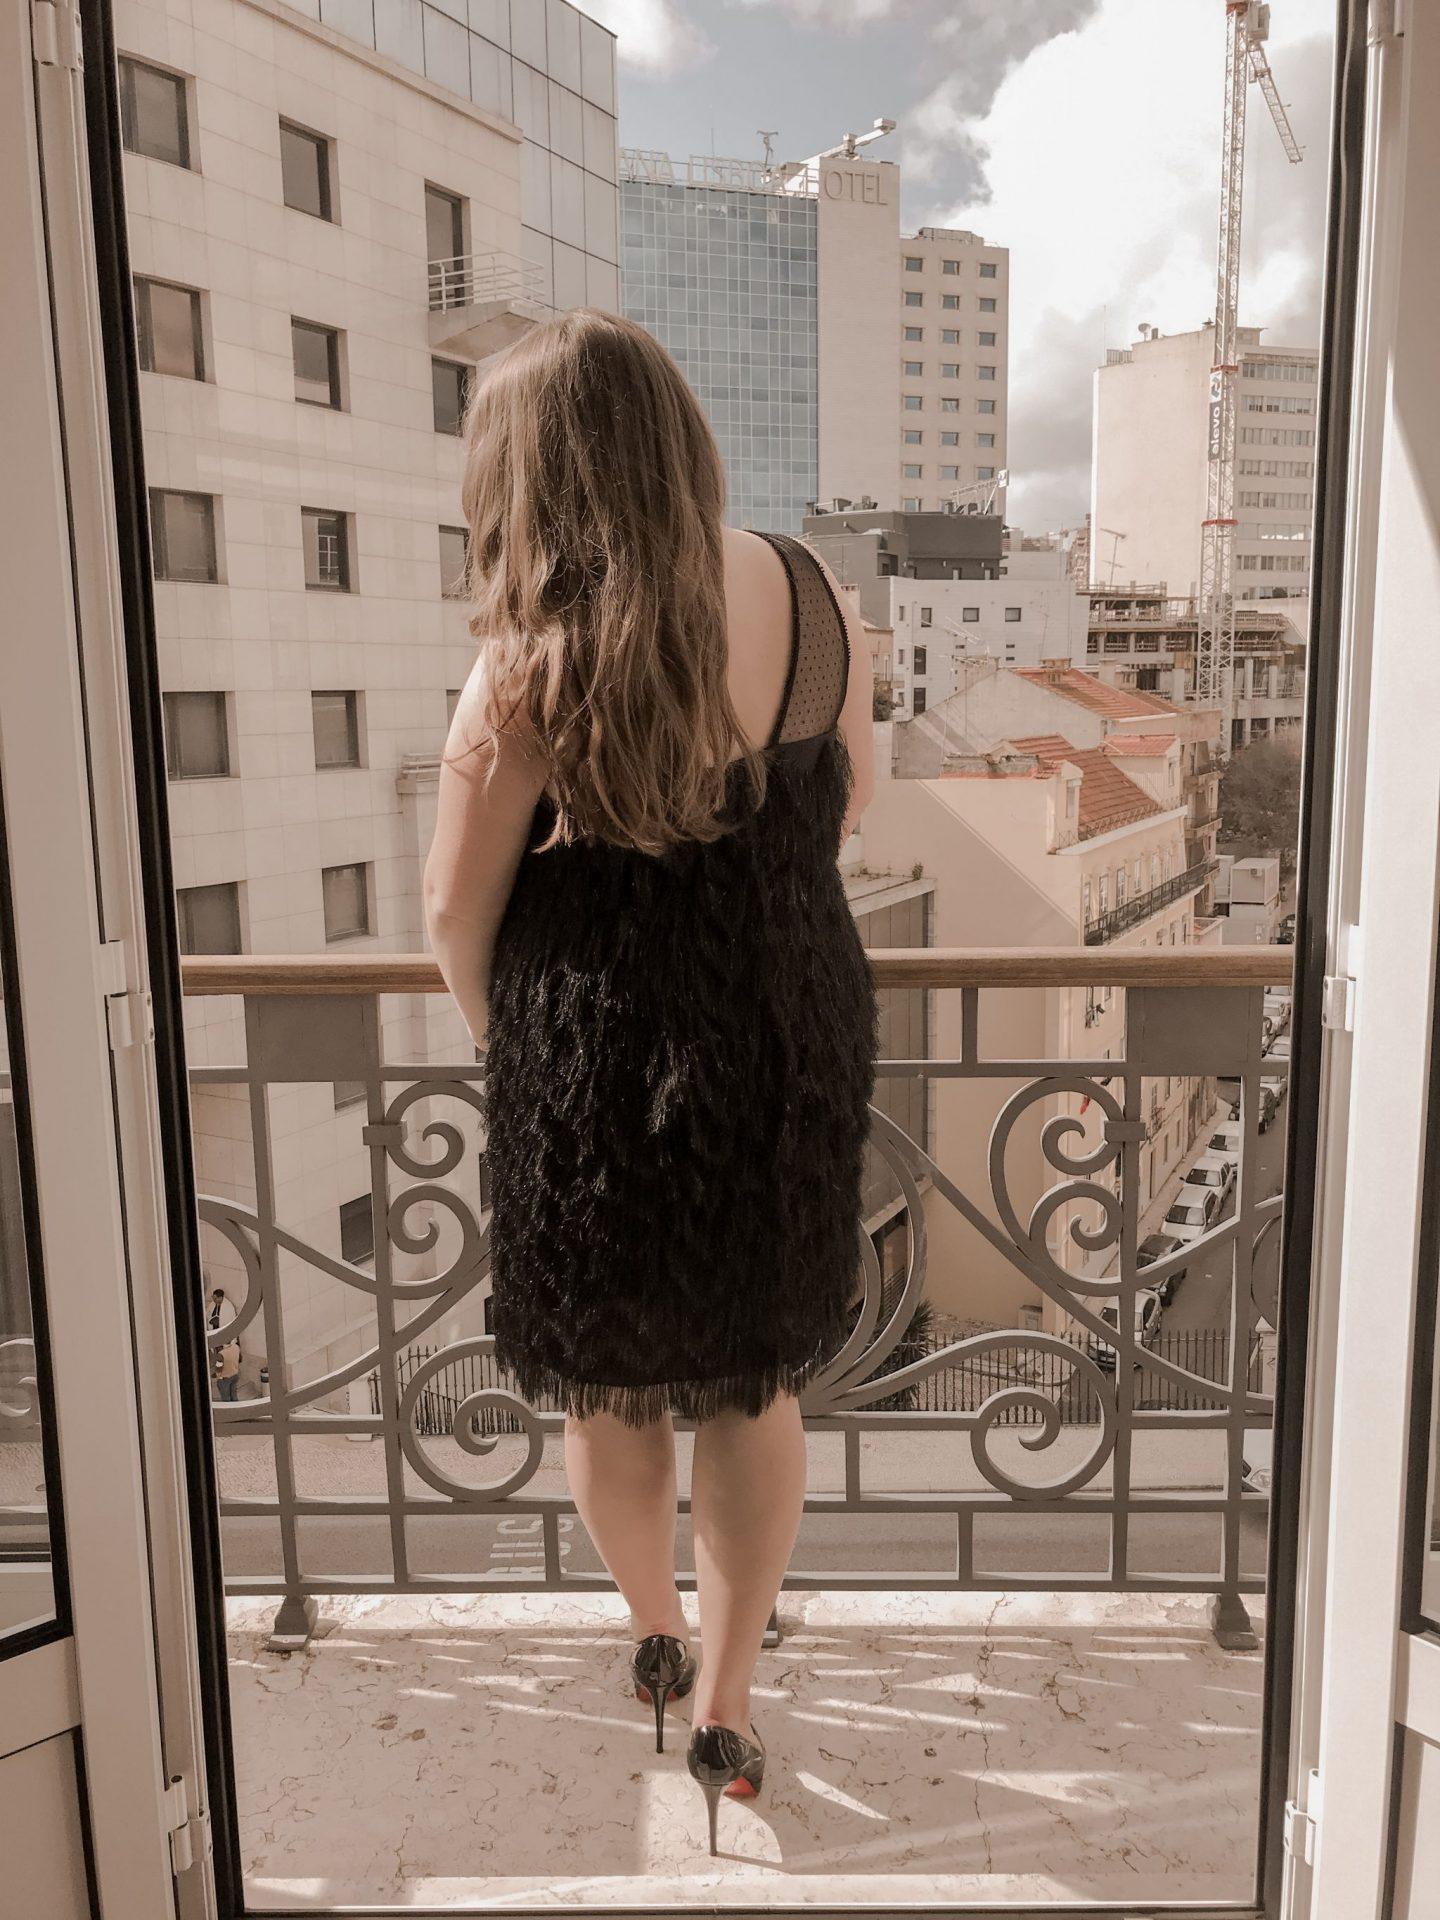 Gatsby Kleid-Lissabon-Fakten über mich